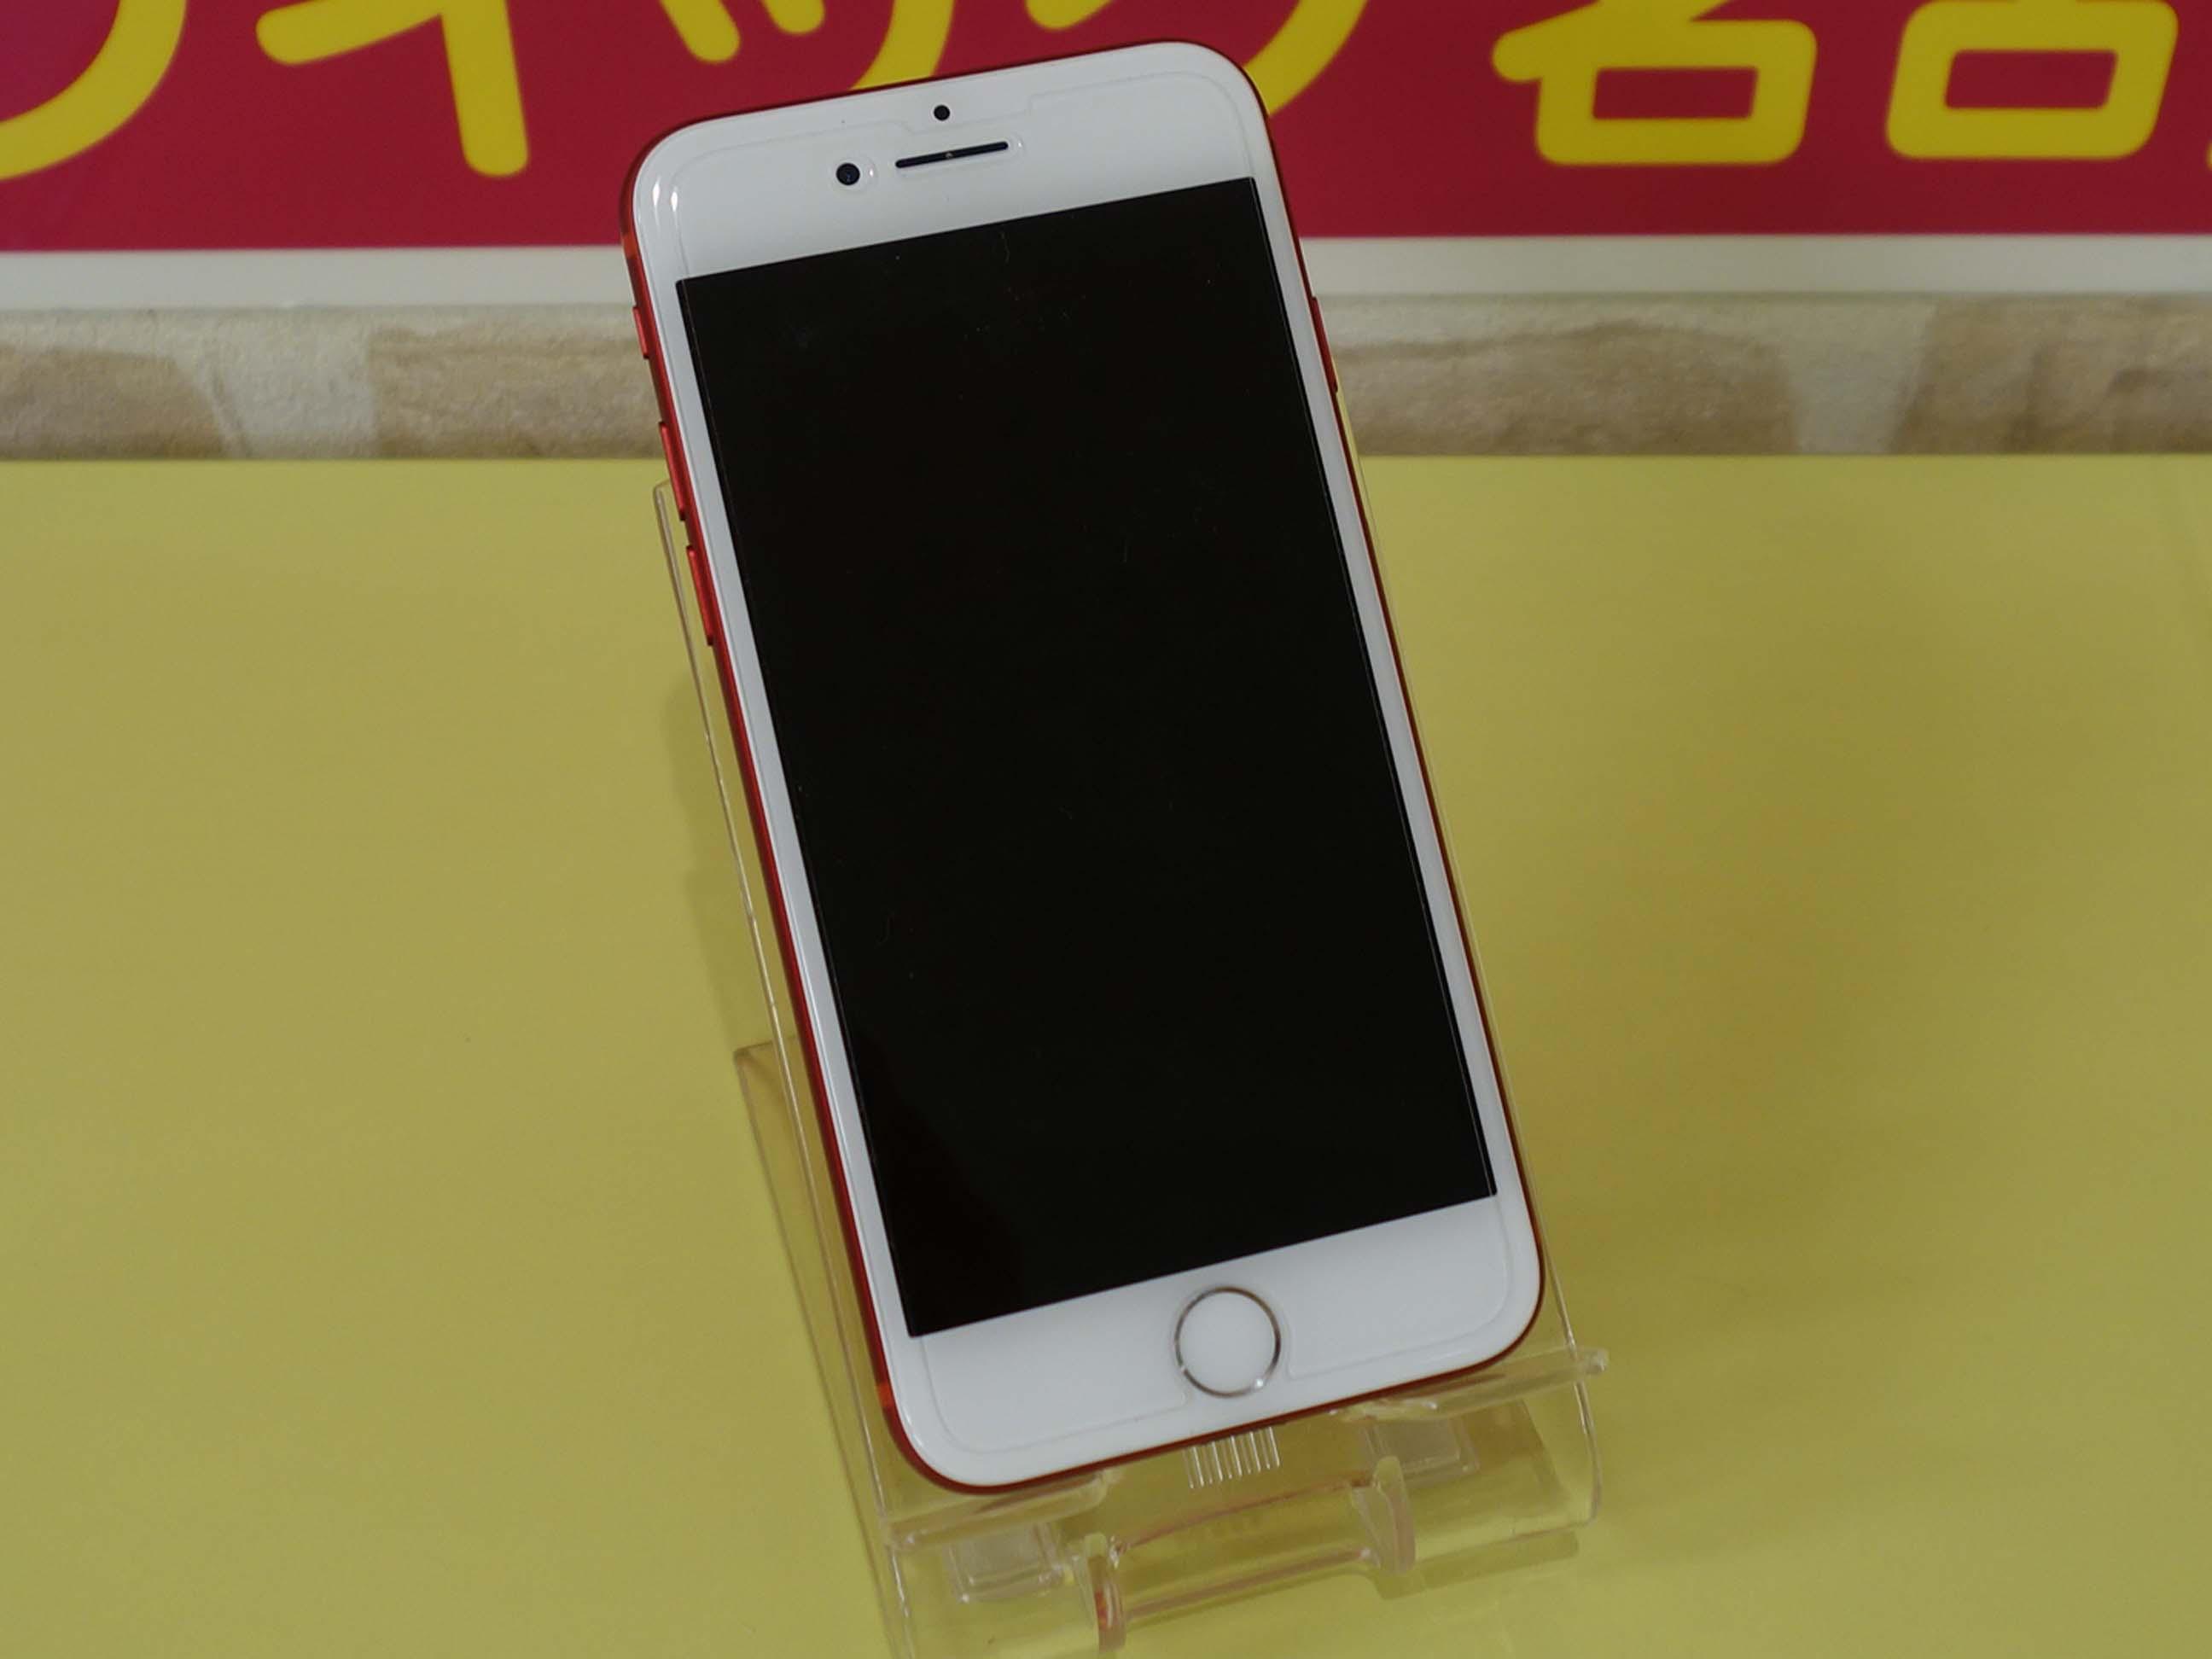 春日井市 落としてからiPhone7の電源入らない アイフォン修理のクイック名古屋